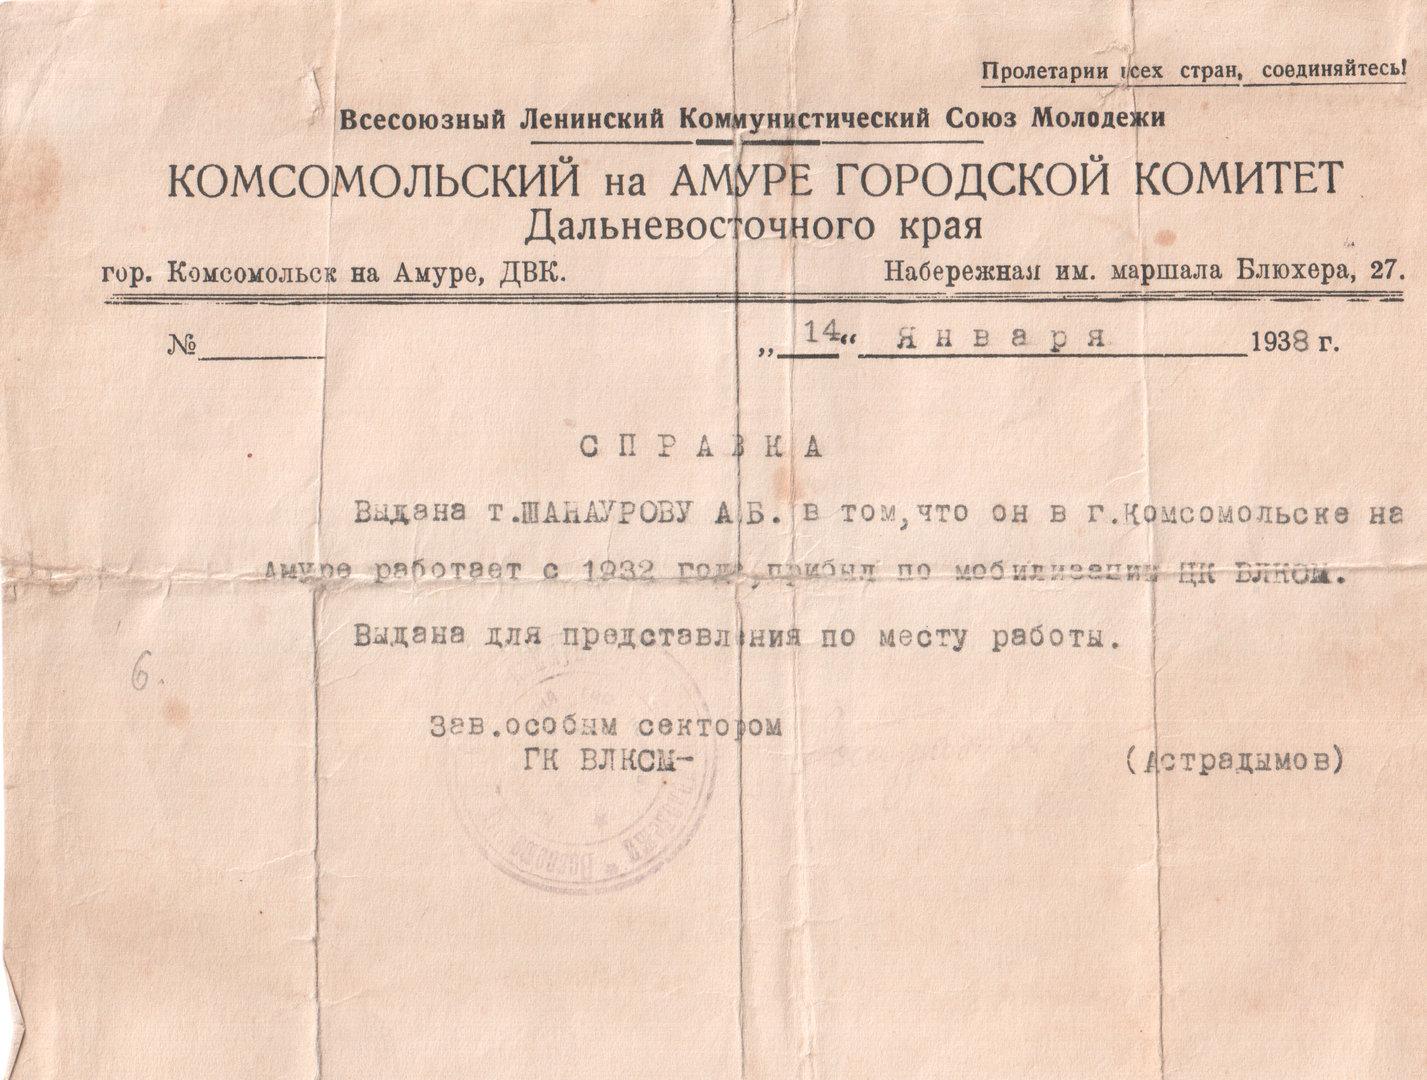 Справка Шанаурова А.Б.